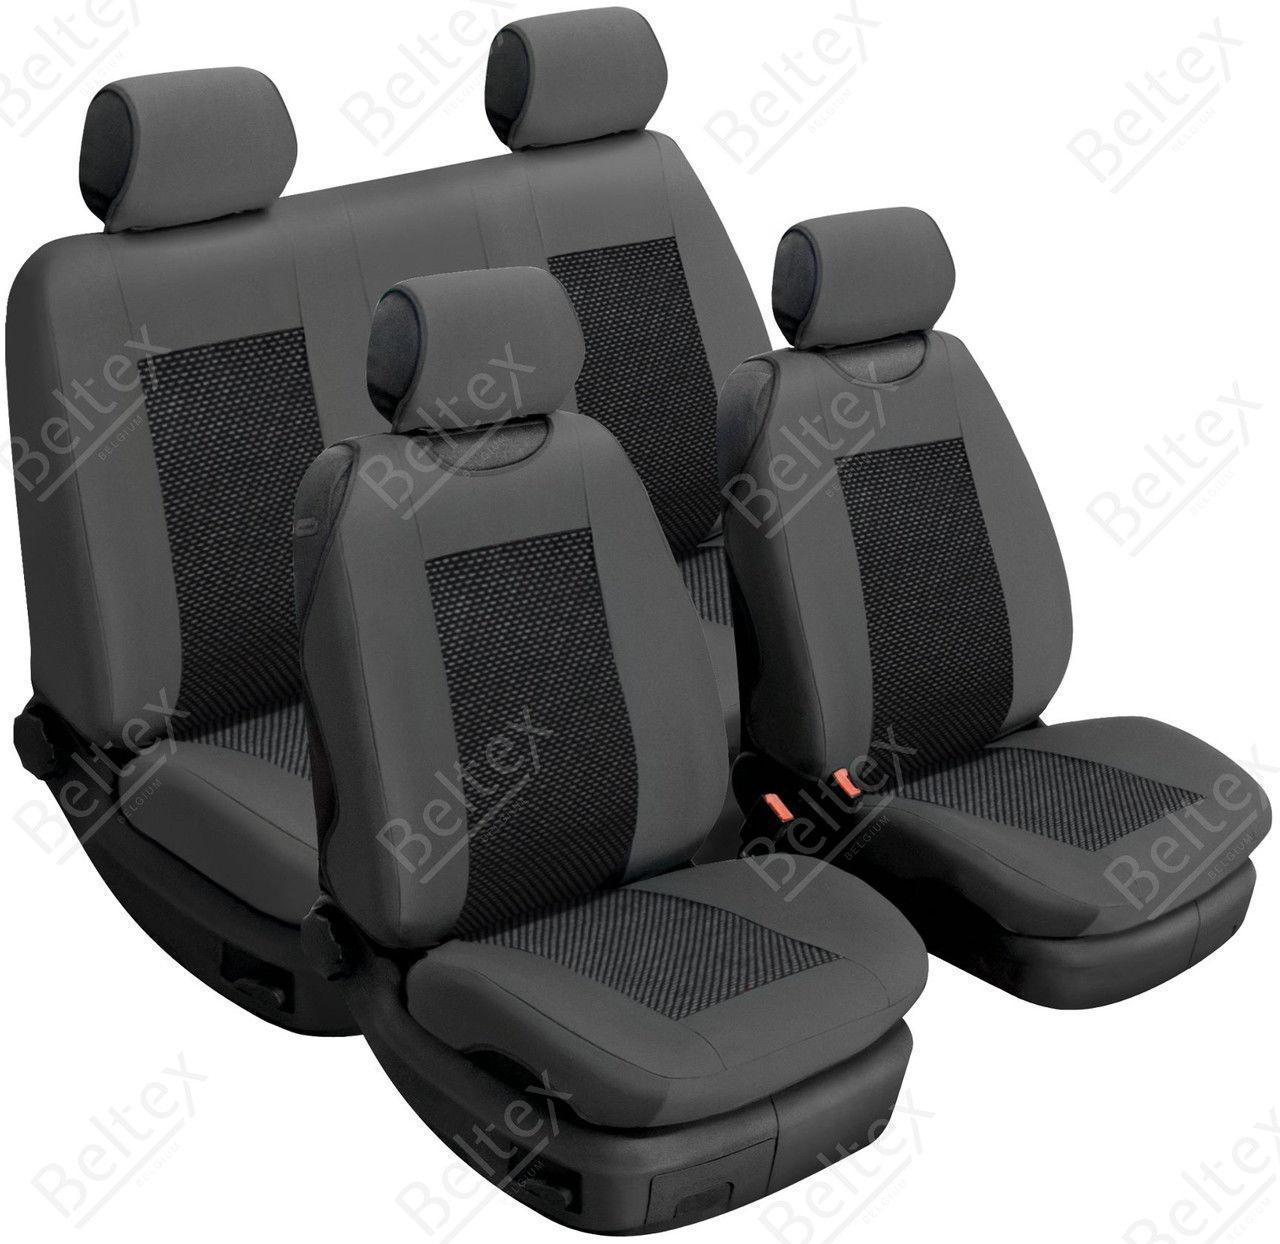 Майки/чехлы на сиденья Ниссан Сентра (Nissan Sentra)